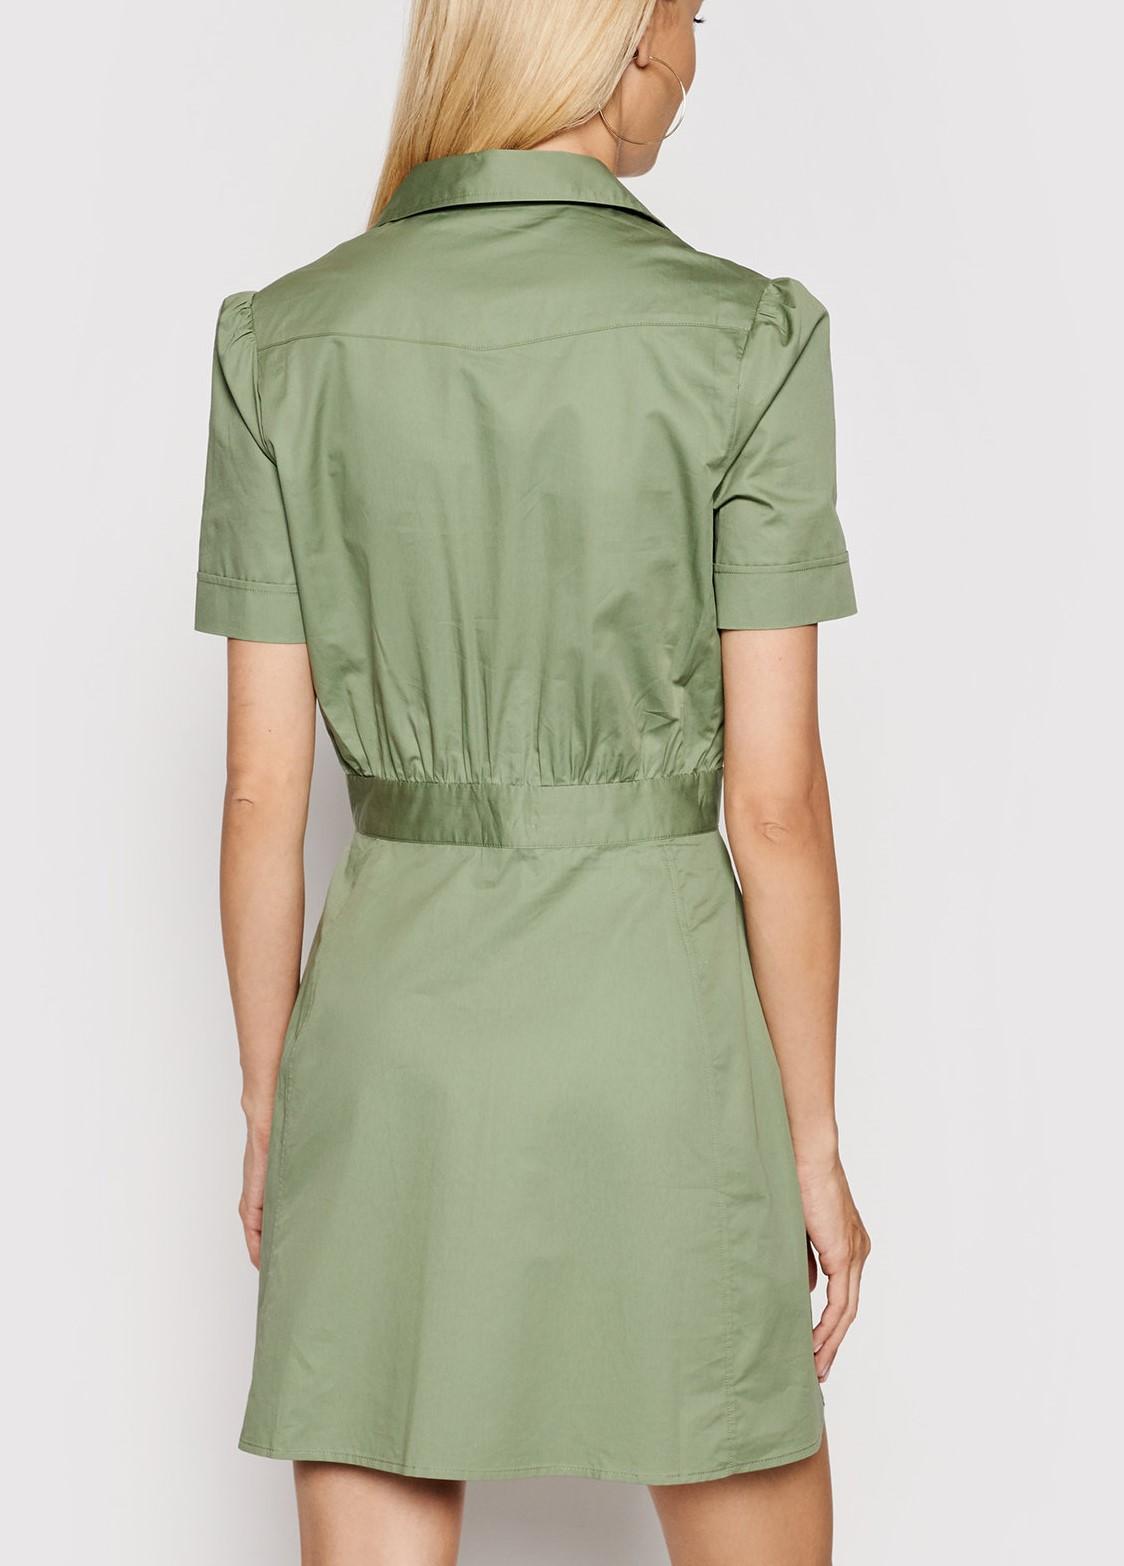 REYNA DRESS GUESS | Dress | W1GK0OWDXM0G8U0